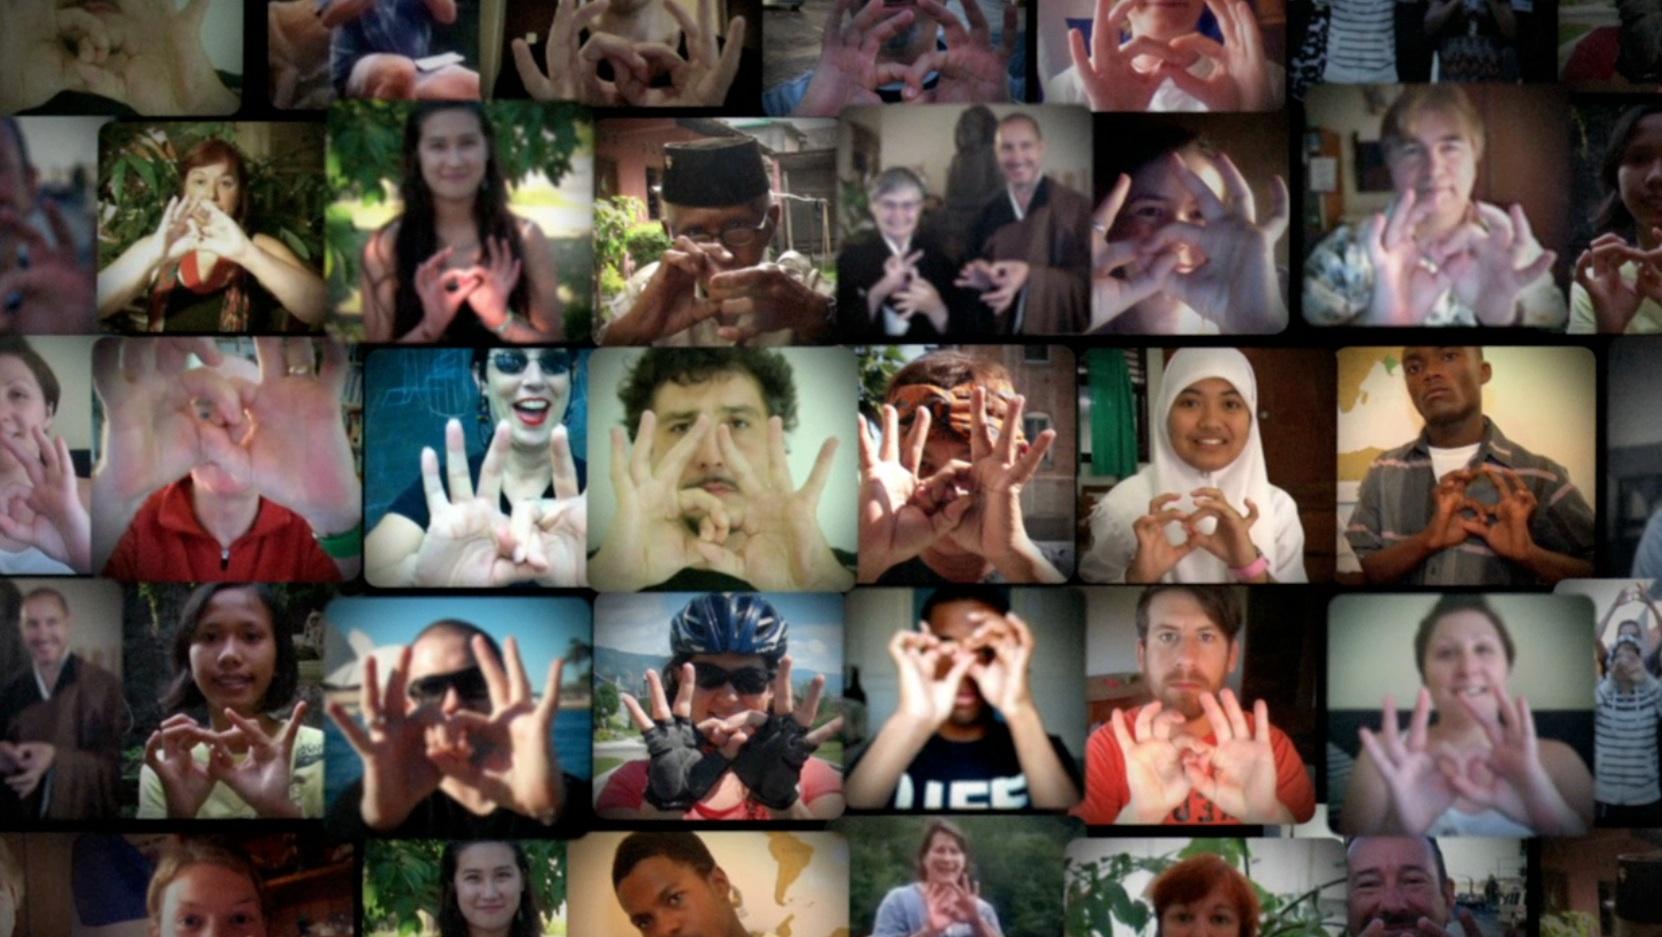 ADOI_linking_fingers.jpg